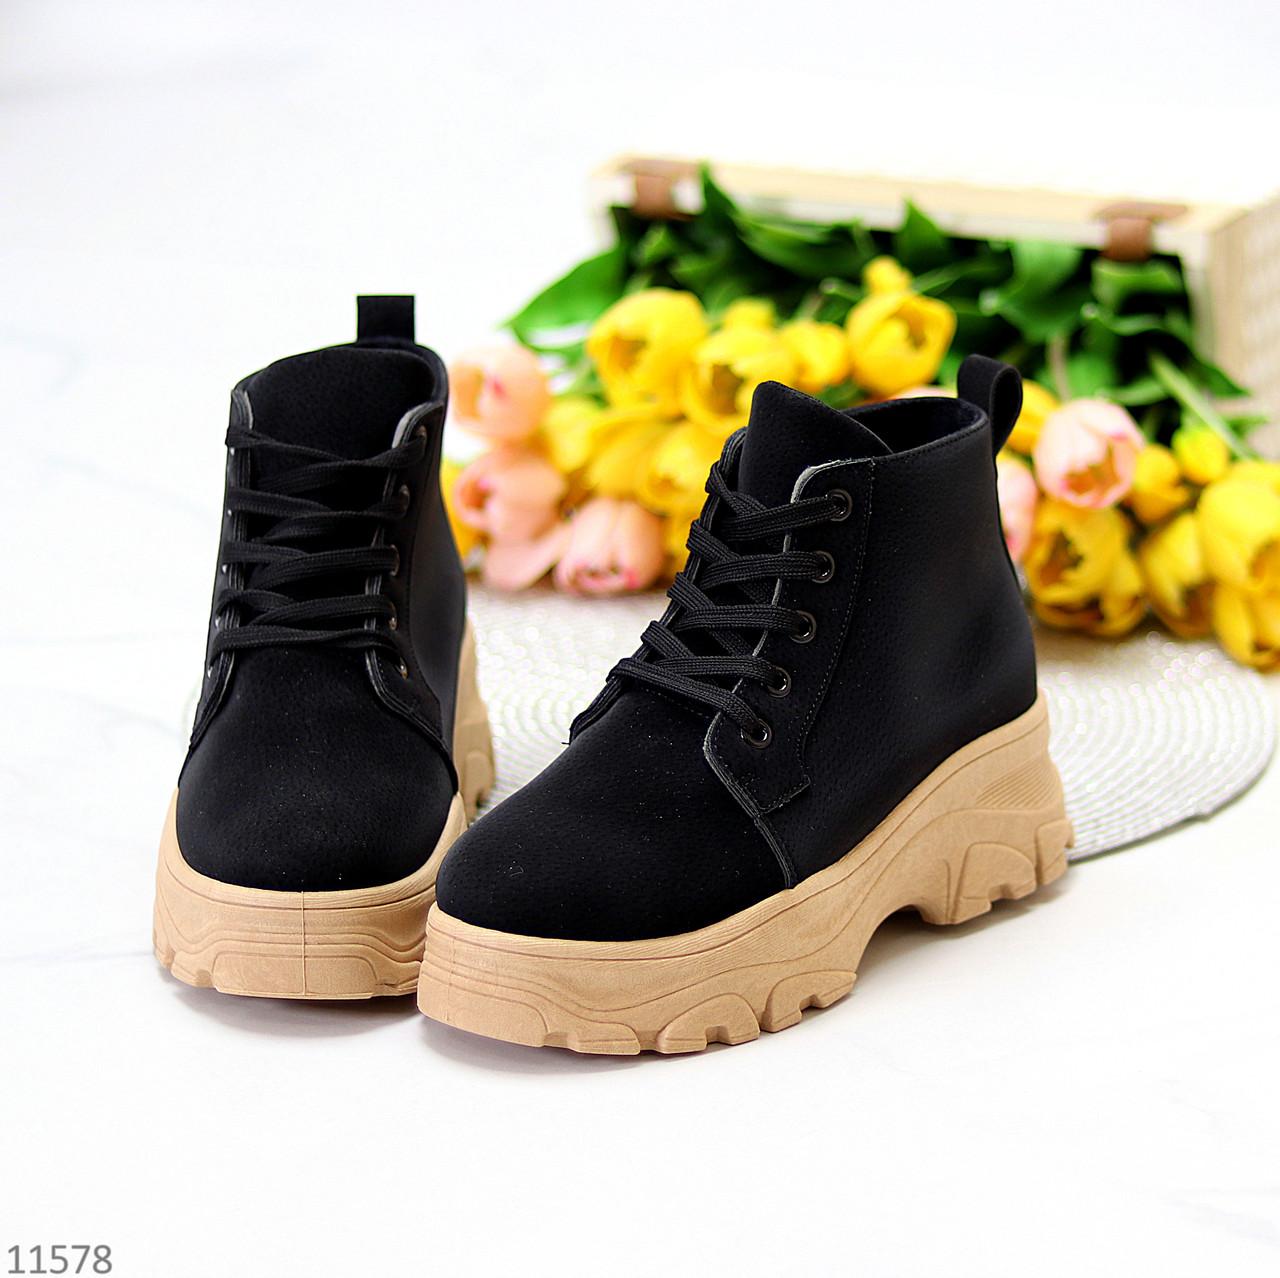 Жіночі черевики ДЕМІ чорні з бежевим на шнурівці нубук еко